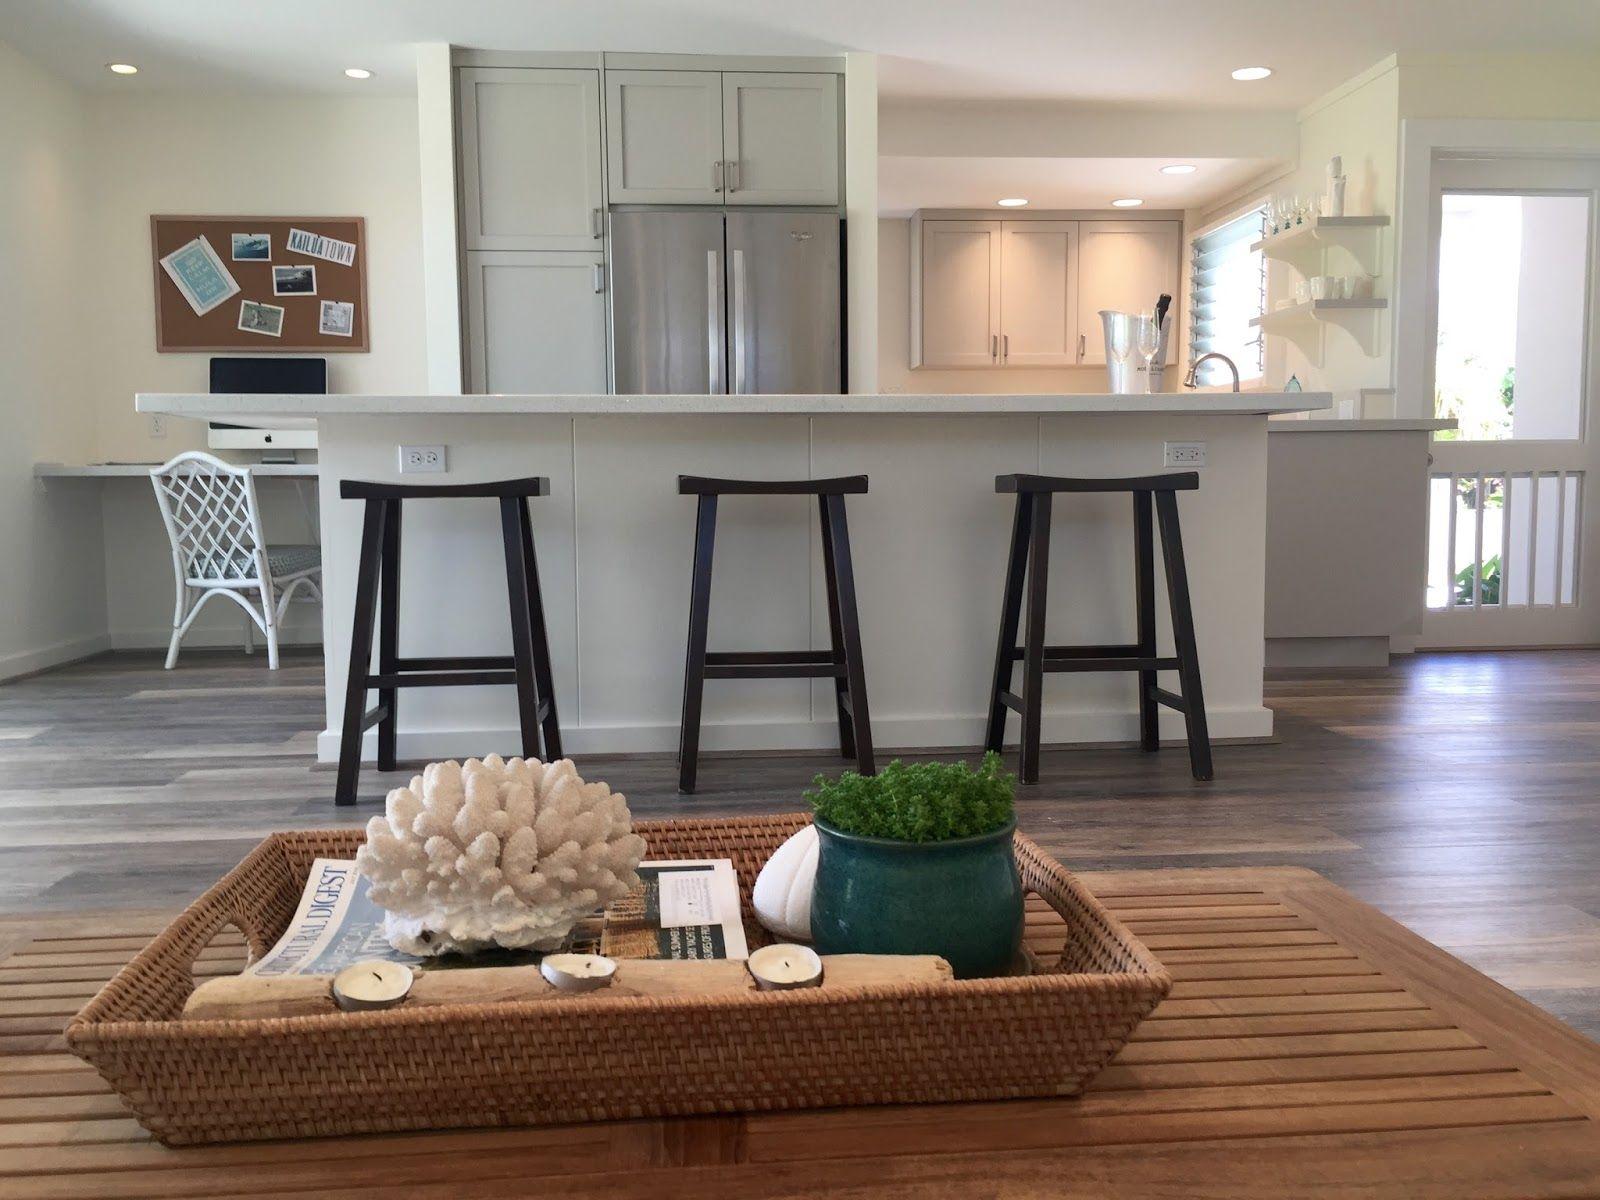 Revere Zinn Küche Schränke Graue küchen, Grün und grau